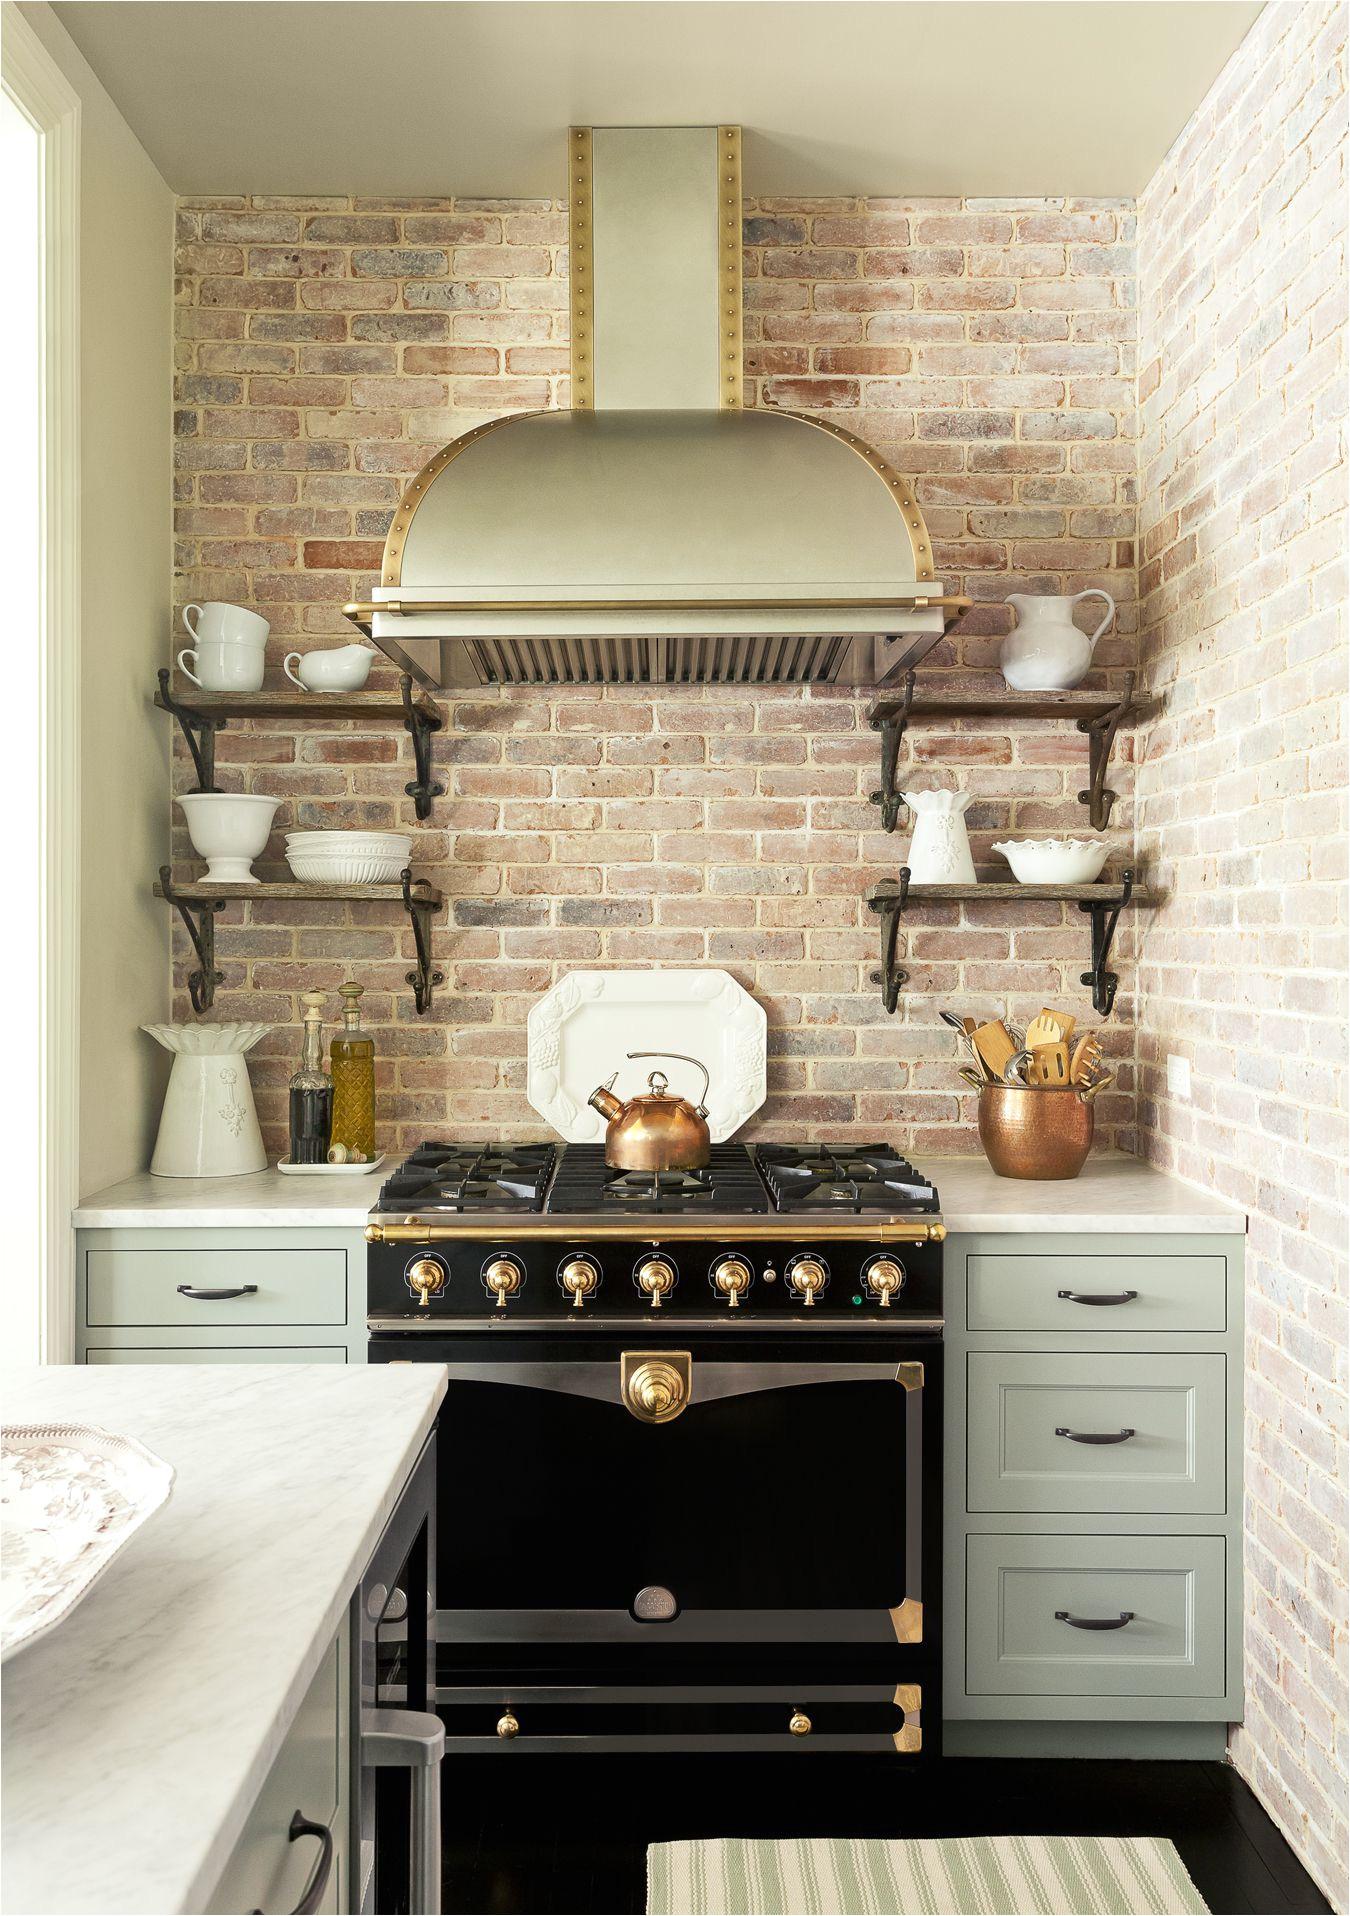 1483475129 kitchen reinvention black appliance 0117 jpg